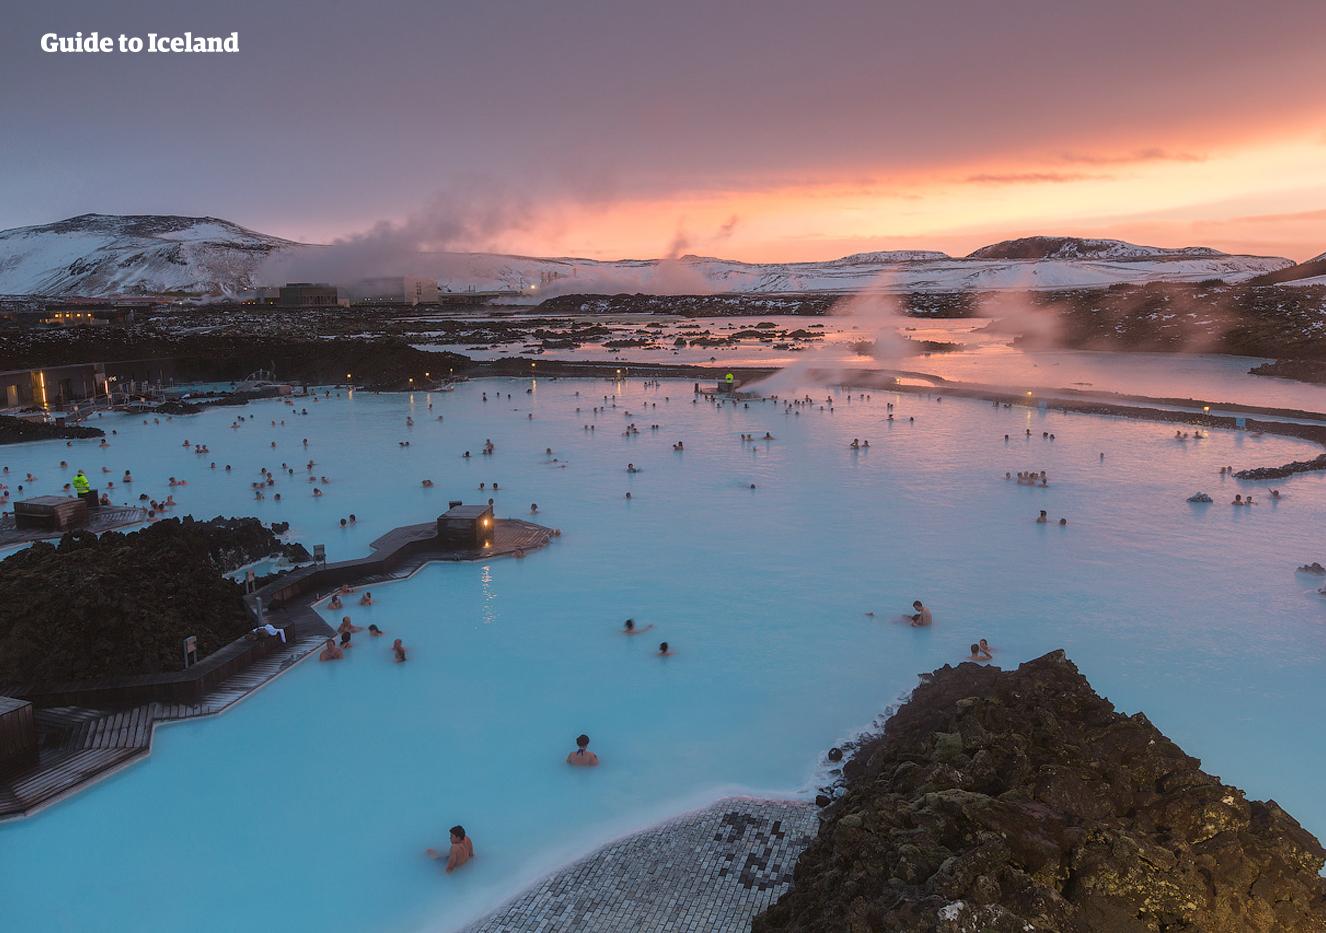 검은 용암지대의 레이캬네스 반도와 대비를 이루는 푸른빛, 에메랄드 이끼가 장식하는 블루라군 지열온천.